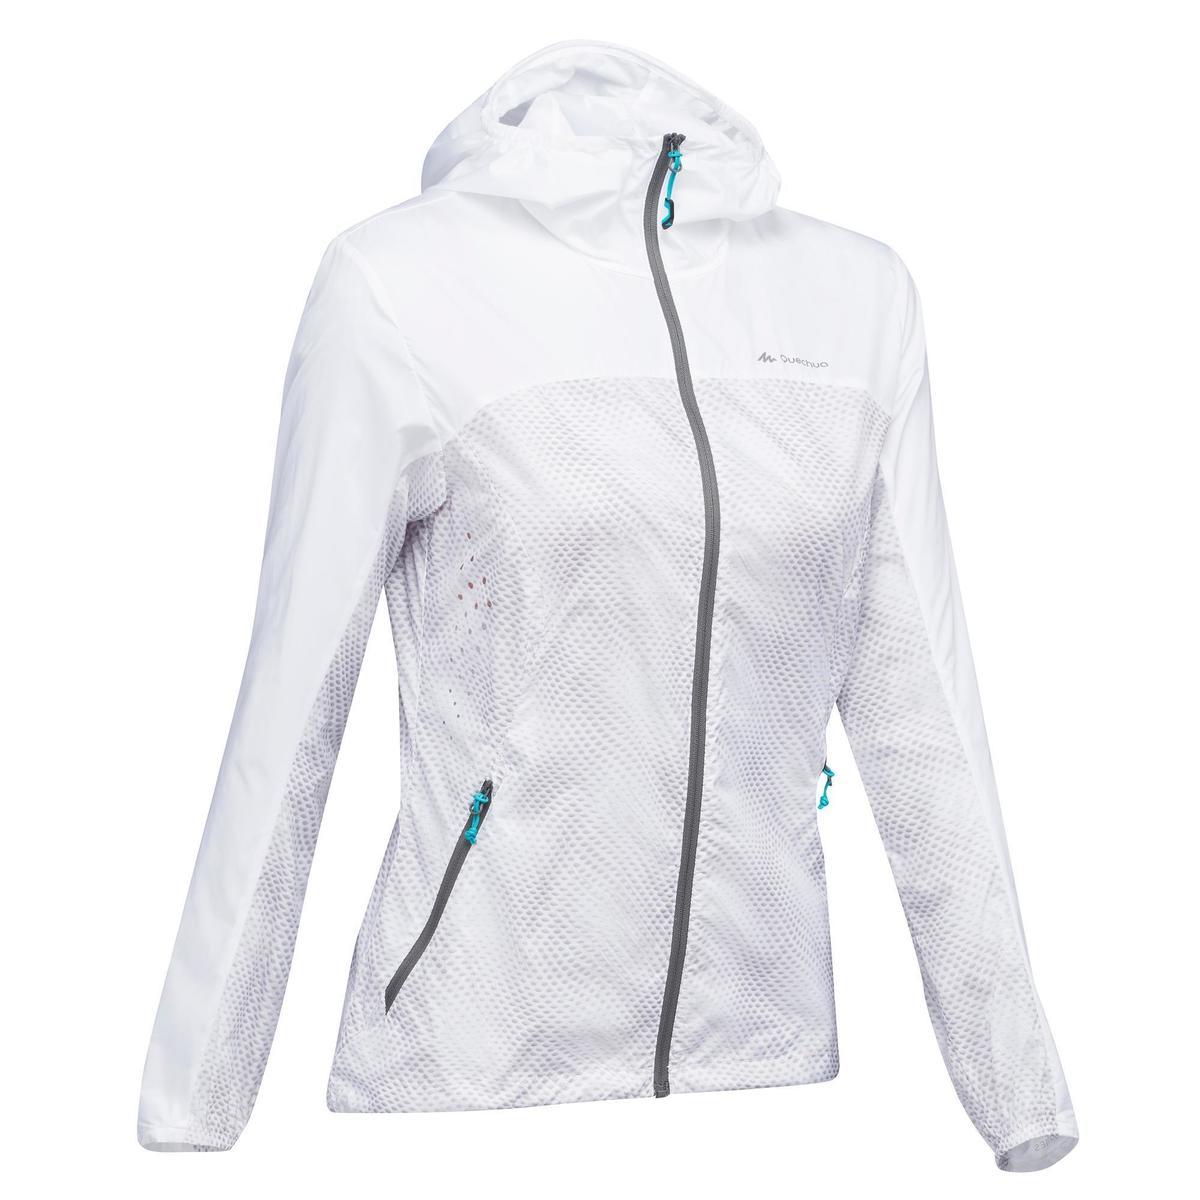 Bild 1 von Windjacke Speed-Hiking FH500 Helium Damen weiß